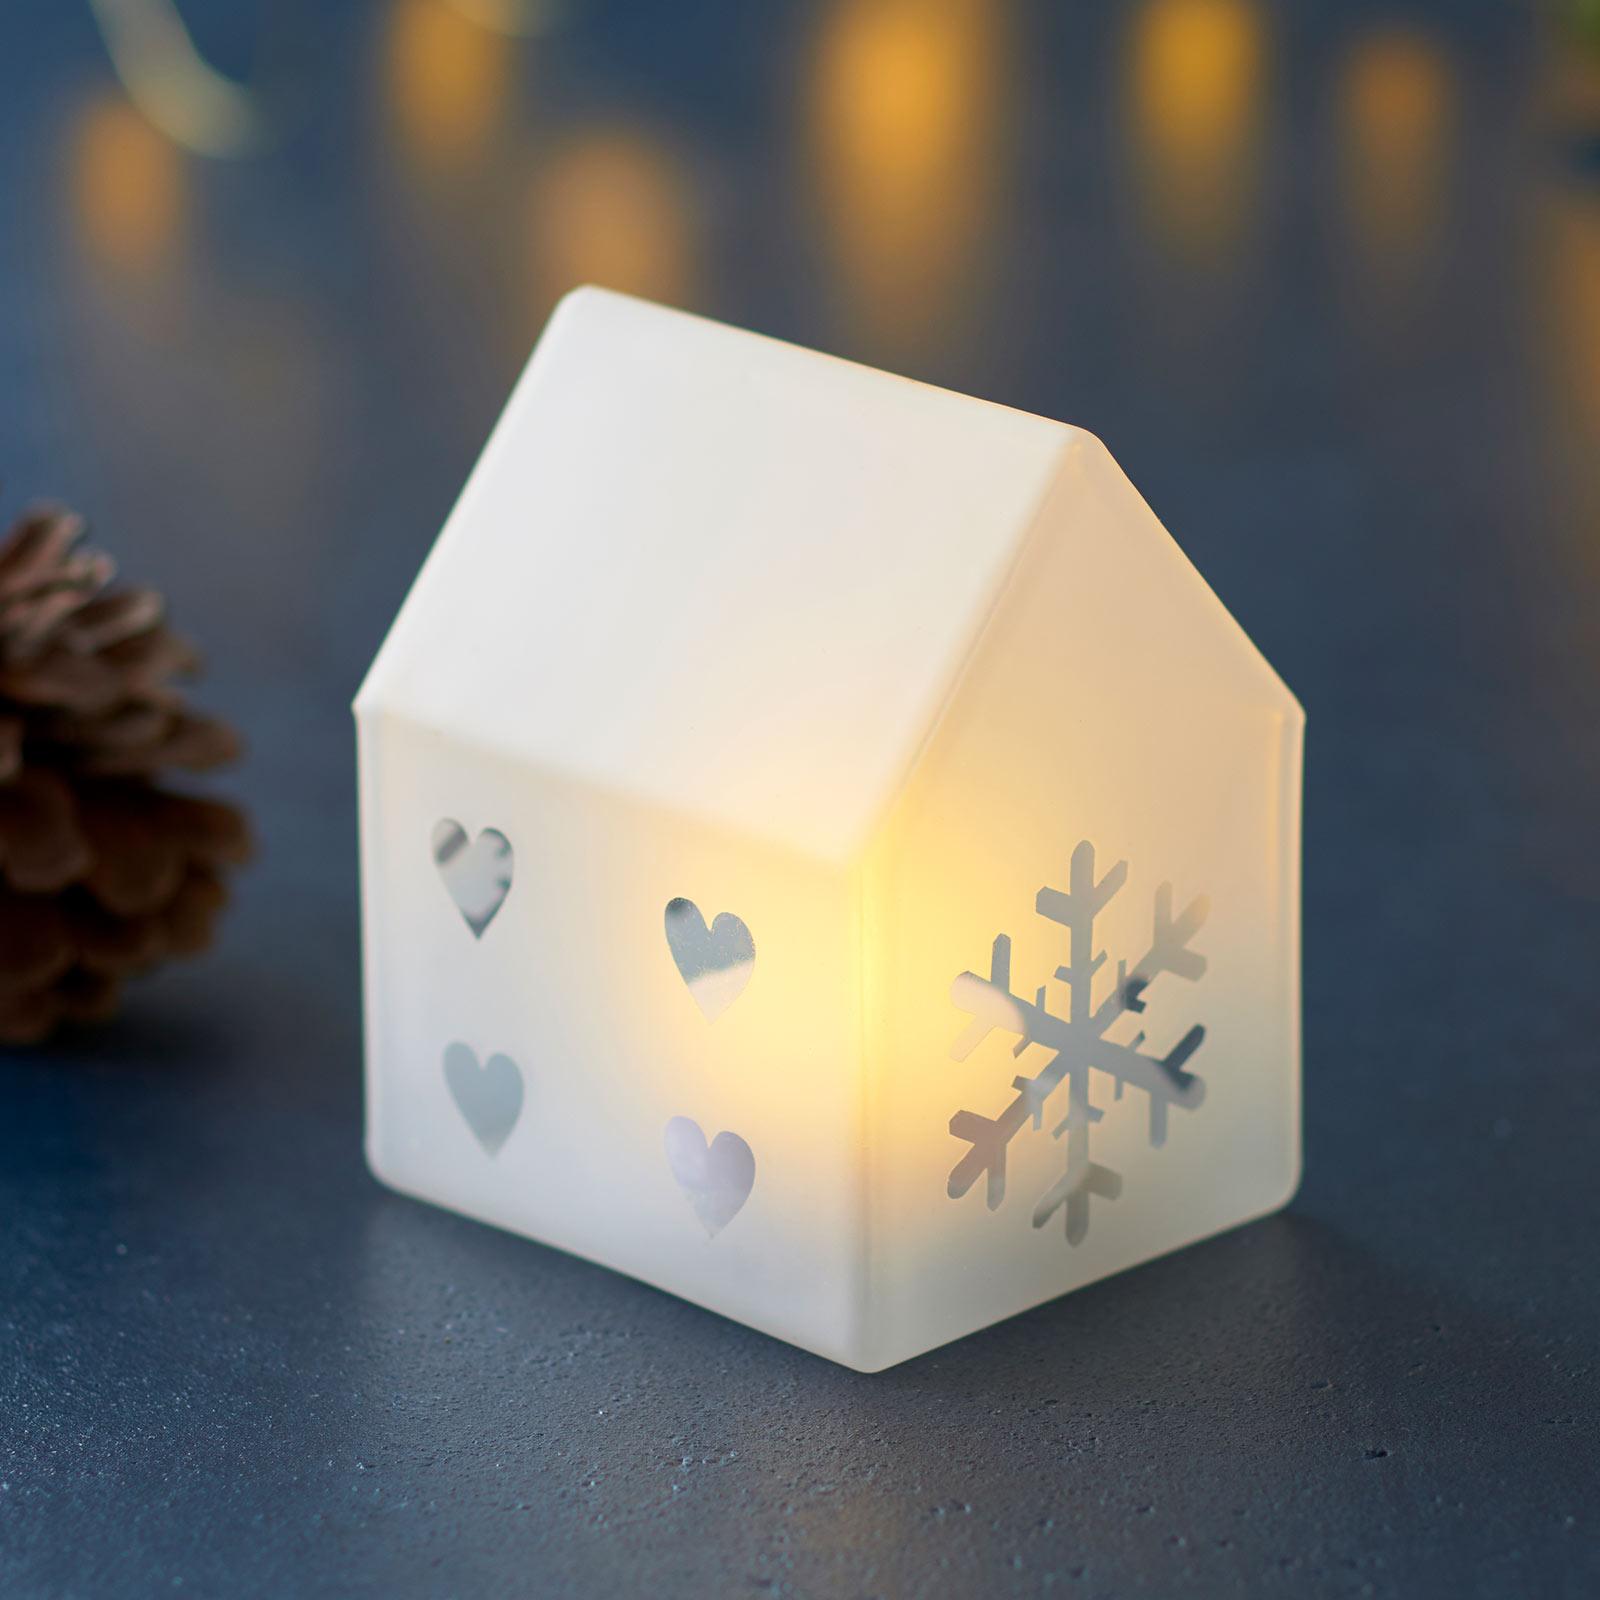 LED dekorativní světlo Santa House, výška 8,5 cm